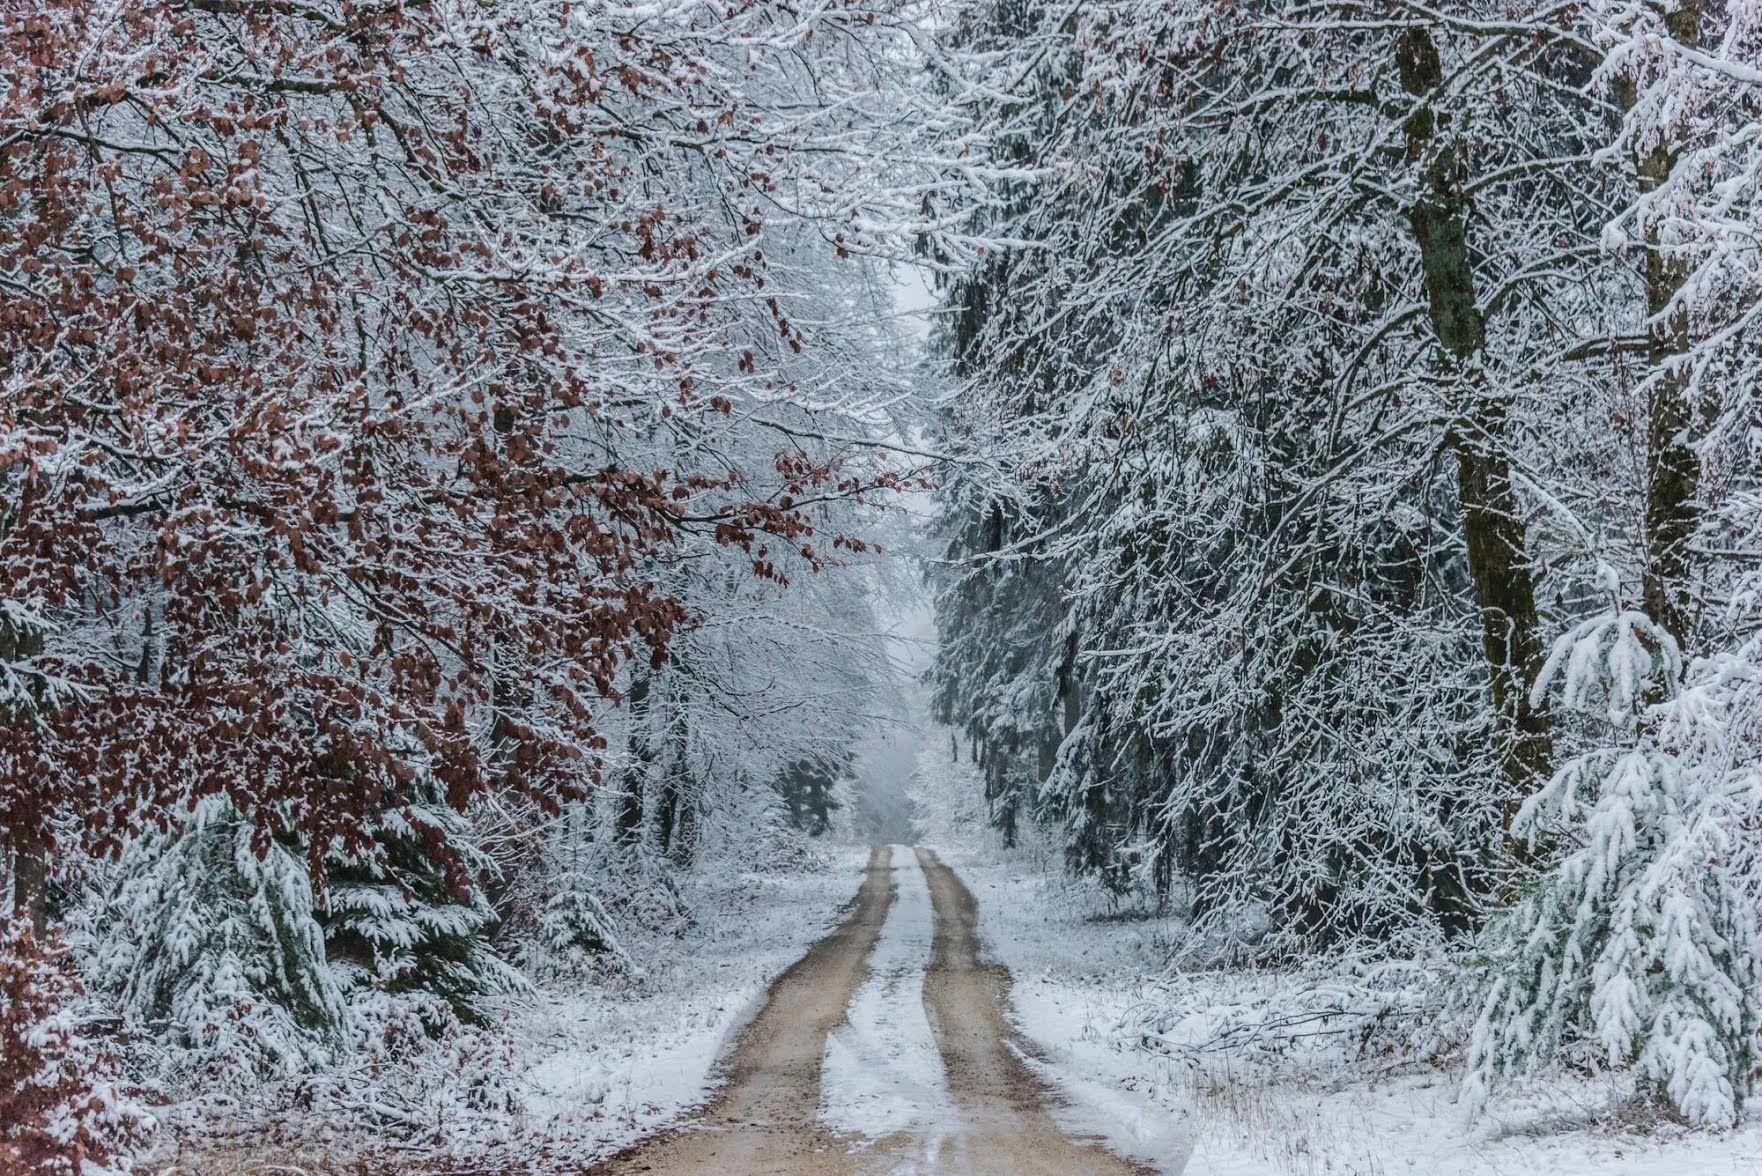 Якщо 26 січня чути шум лісу, то буде потепління.